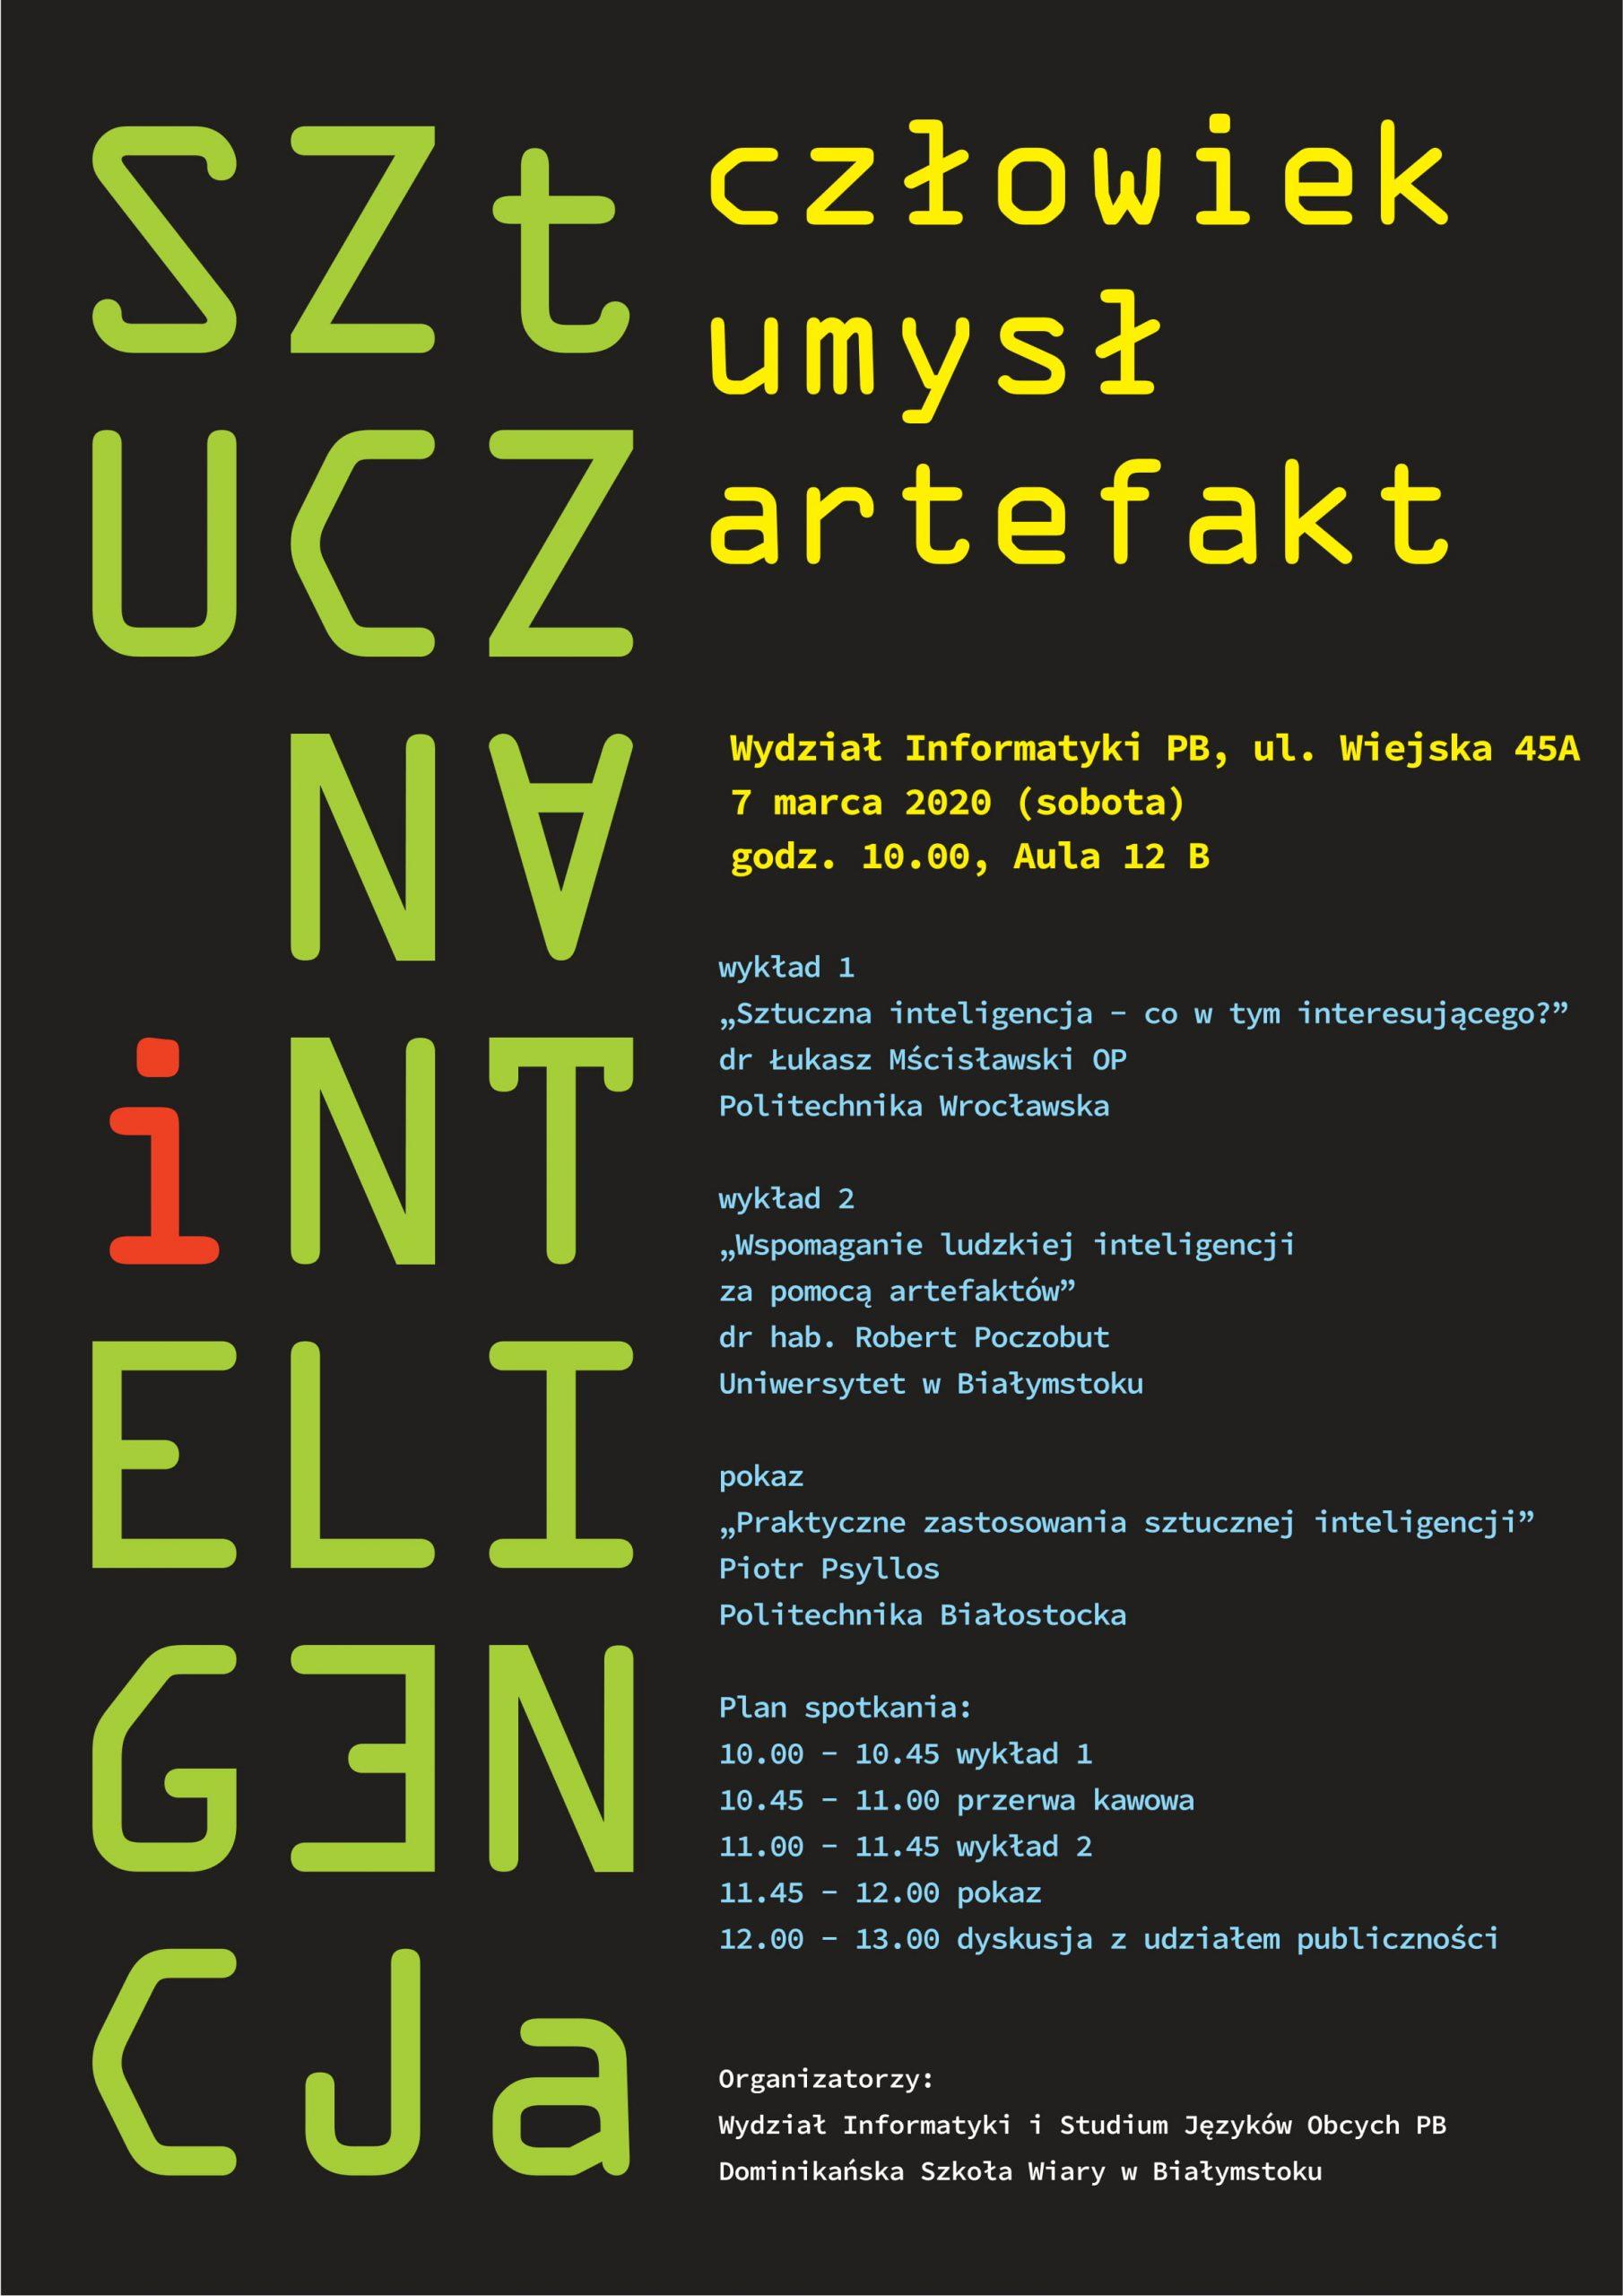 """Plakat informujący o spotkaniu popularno-naukowym """"Sztuczna inteligencja; człowiek, umysł, artefakt"""""""